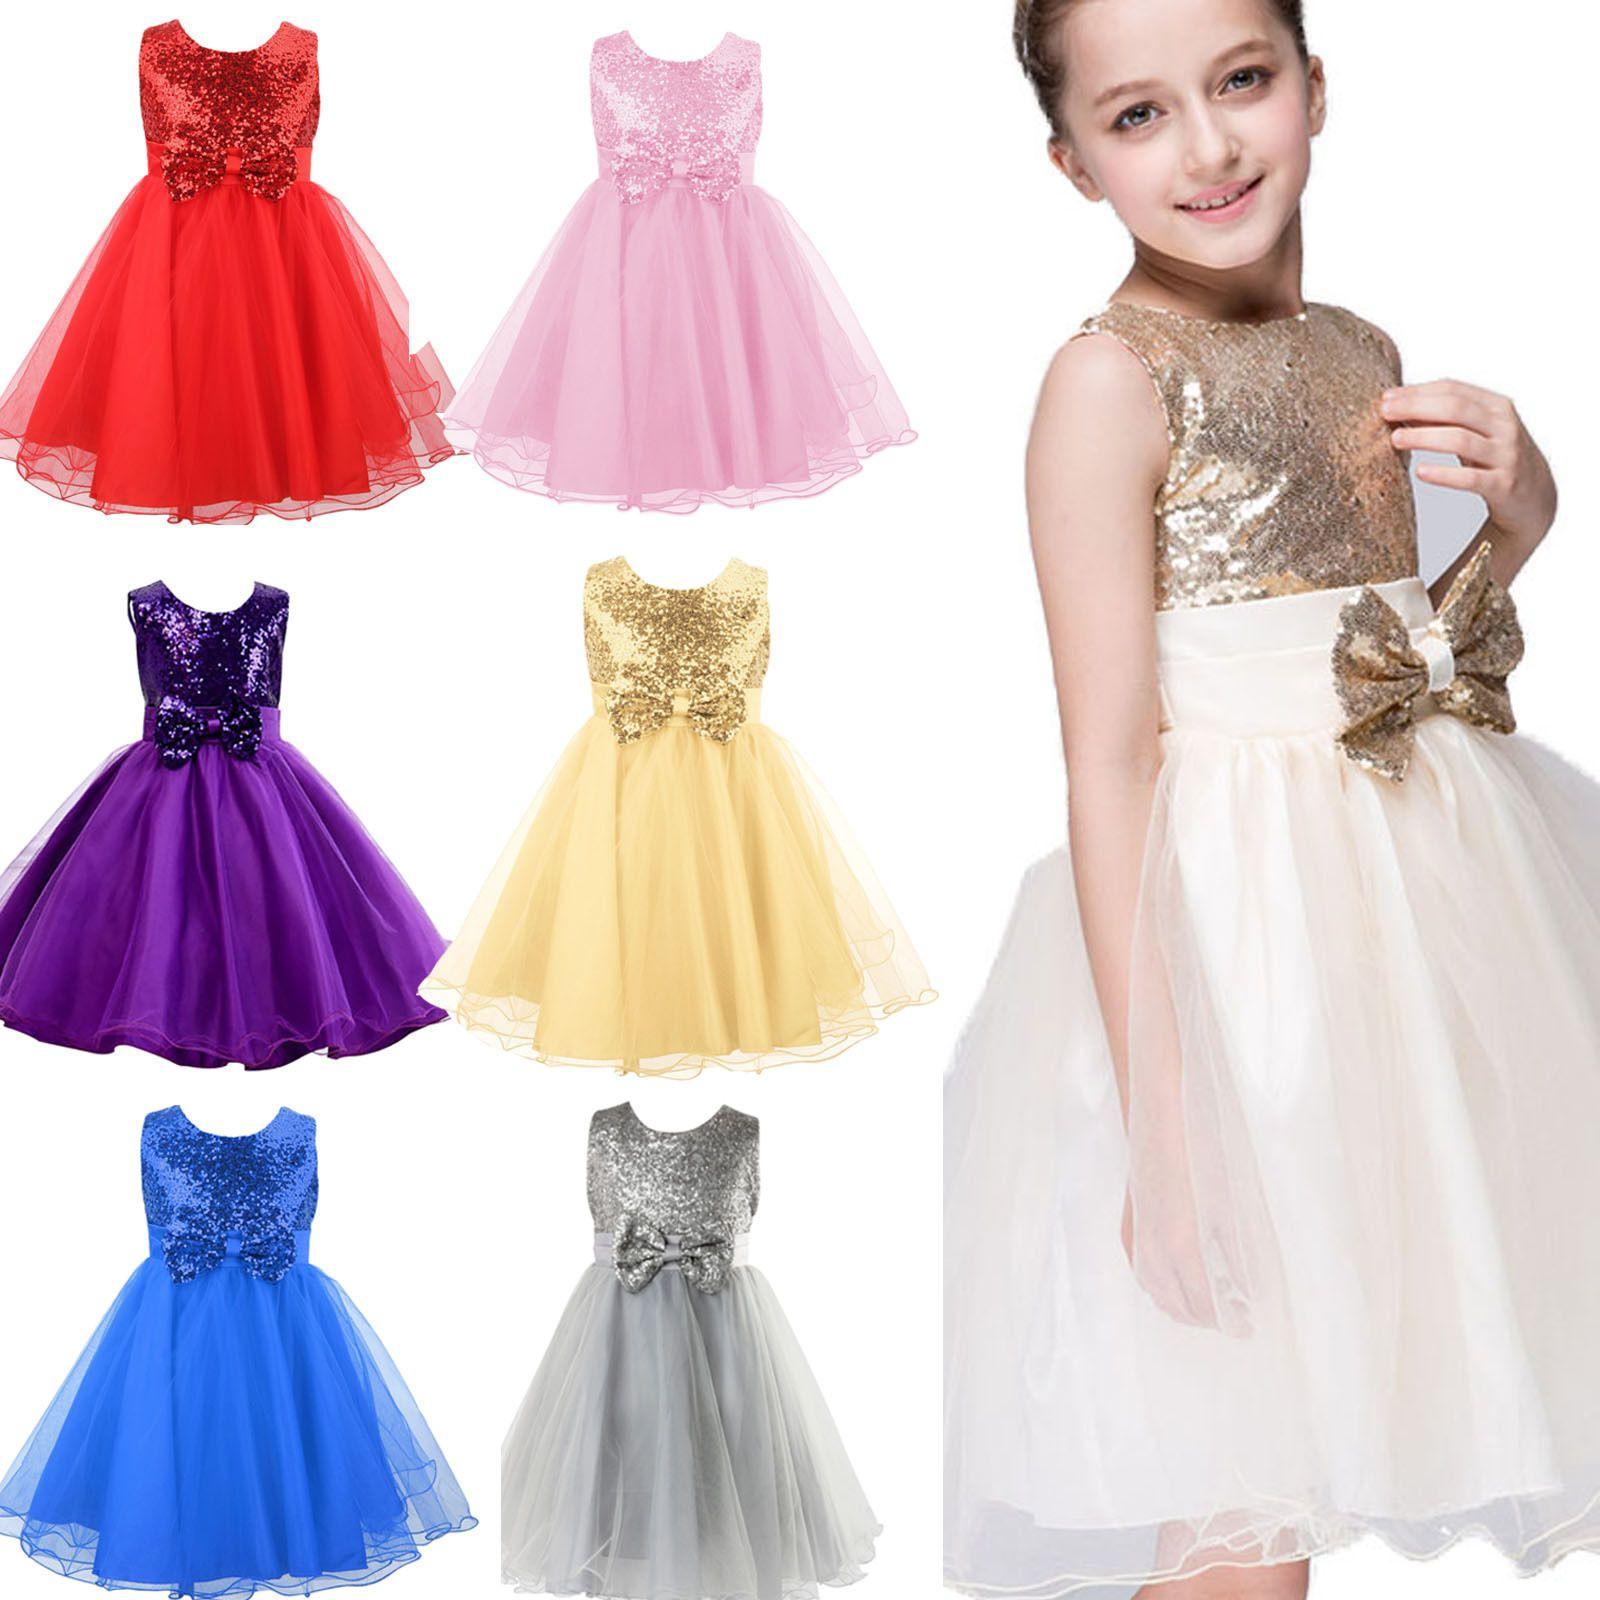 14 Fashion 14 Kids Girls Clothing Mädchen Fest Kleid Tüll Kinder  Abendkleid Blumenmädchen Party Hochzeit Ballkleid From Angelakids, $14.14